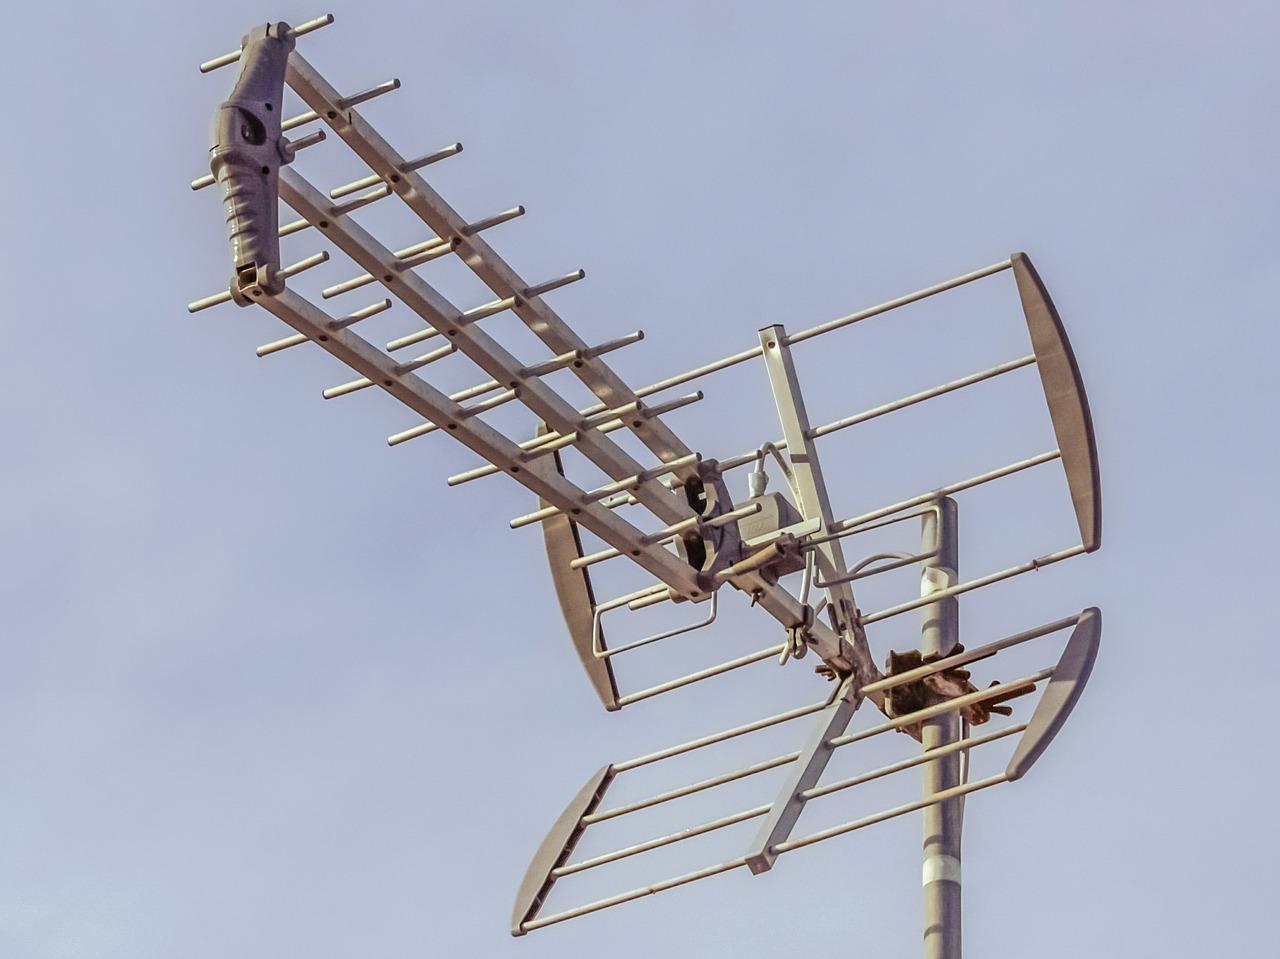 Miglior antenna tv 2021: Guida all'acquisto